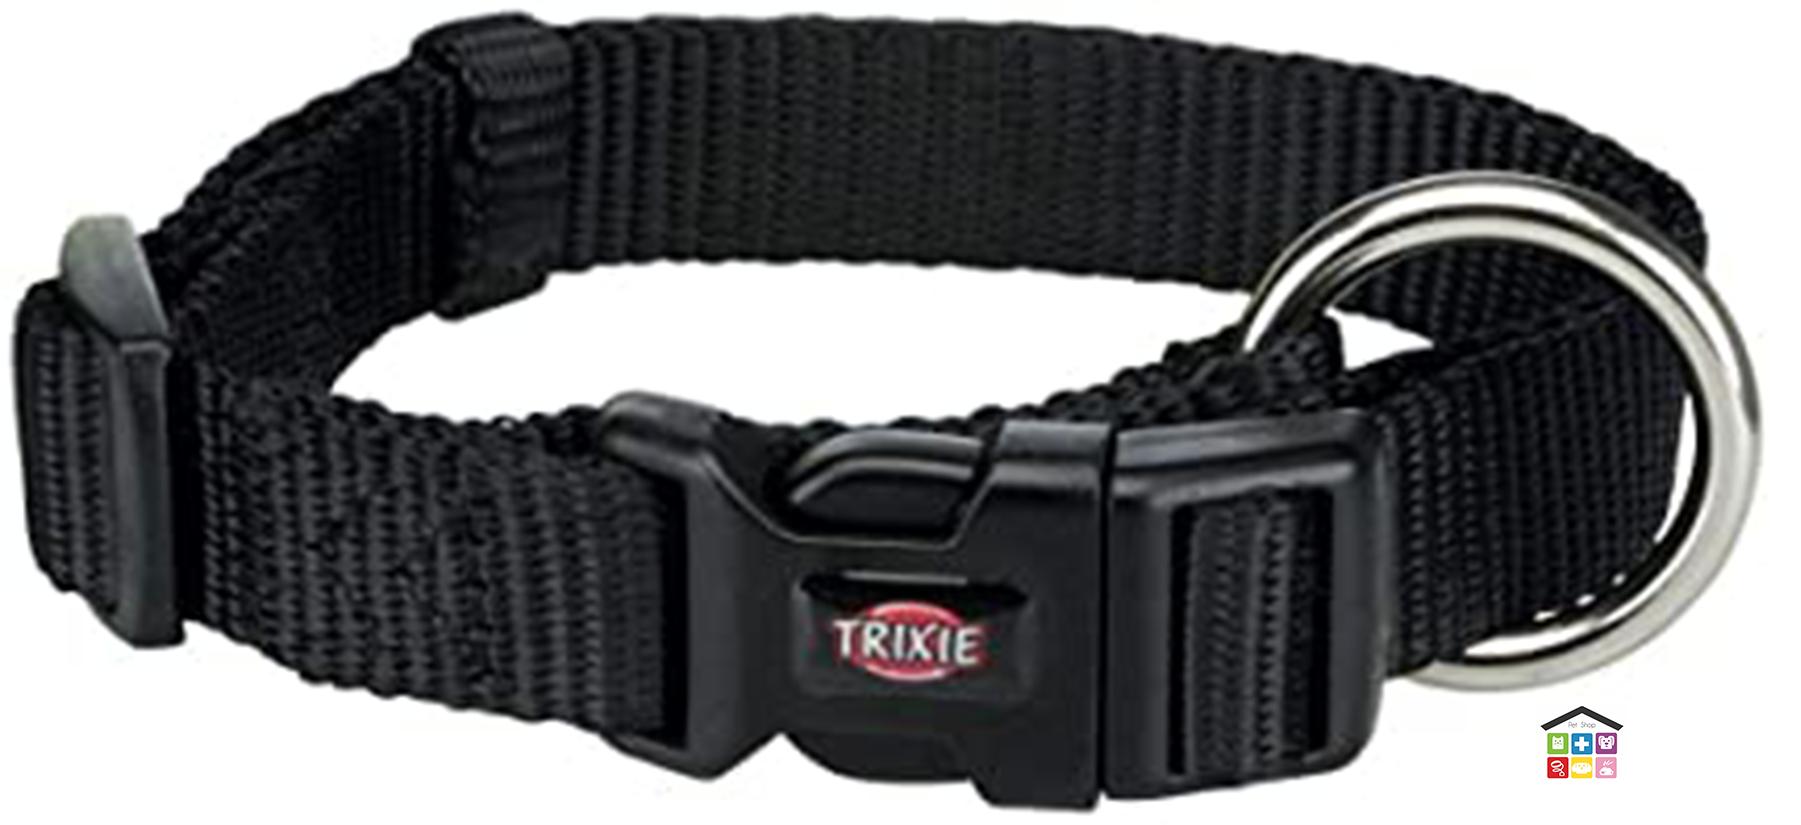 Trixie collare premium nero